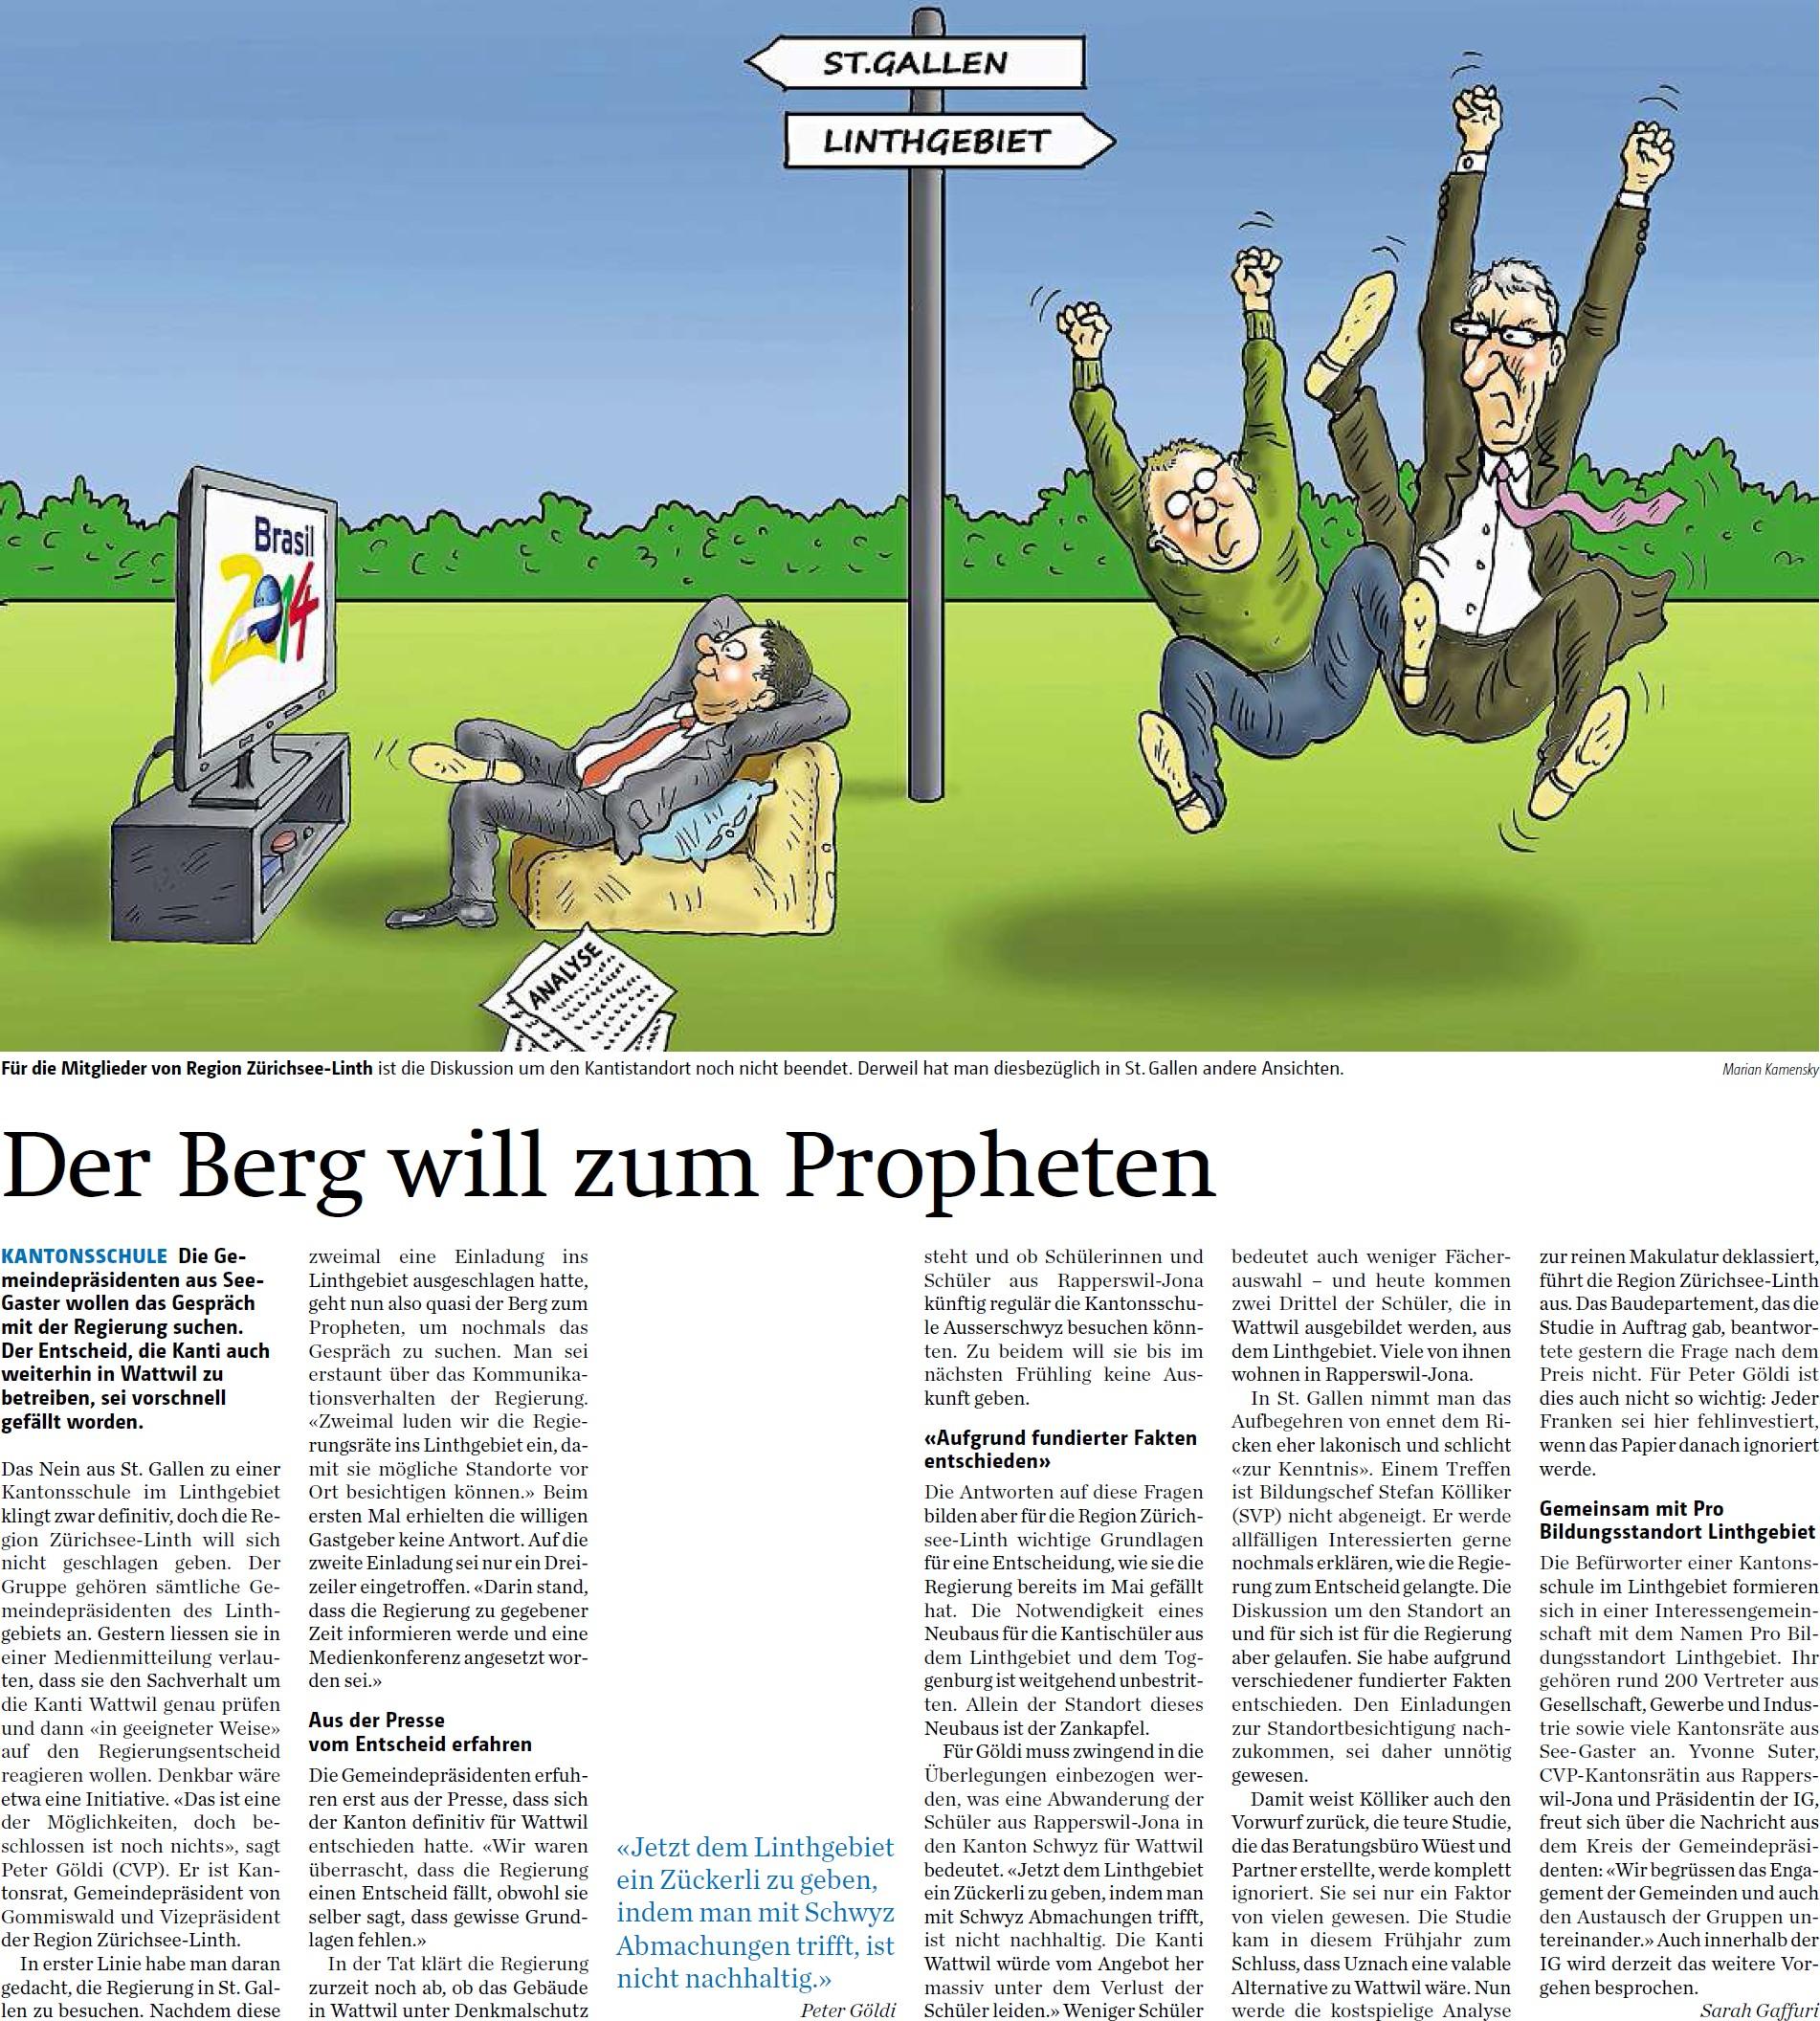 Der Berg will zum Propheten (Samstag, 14.06.2014)